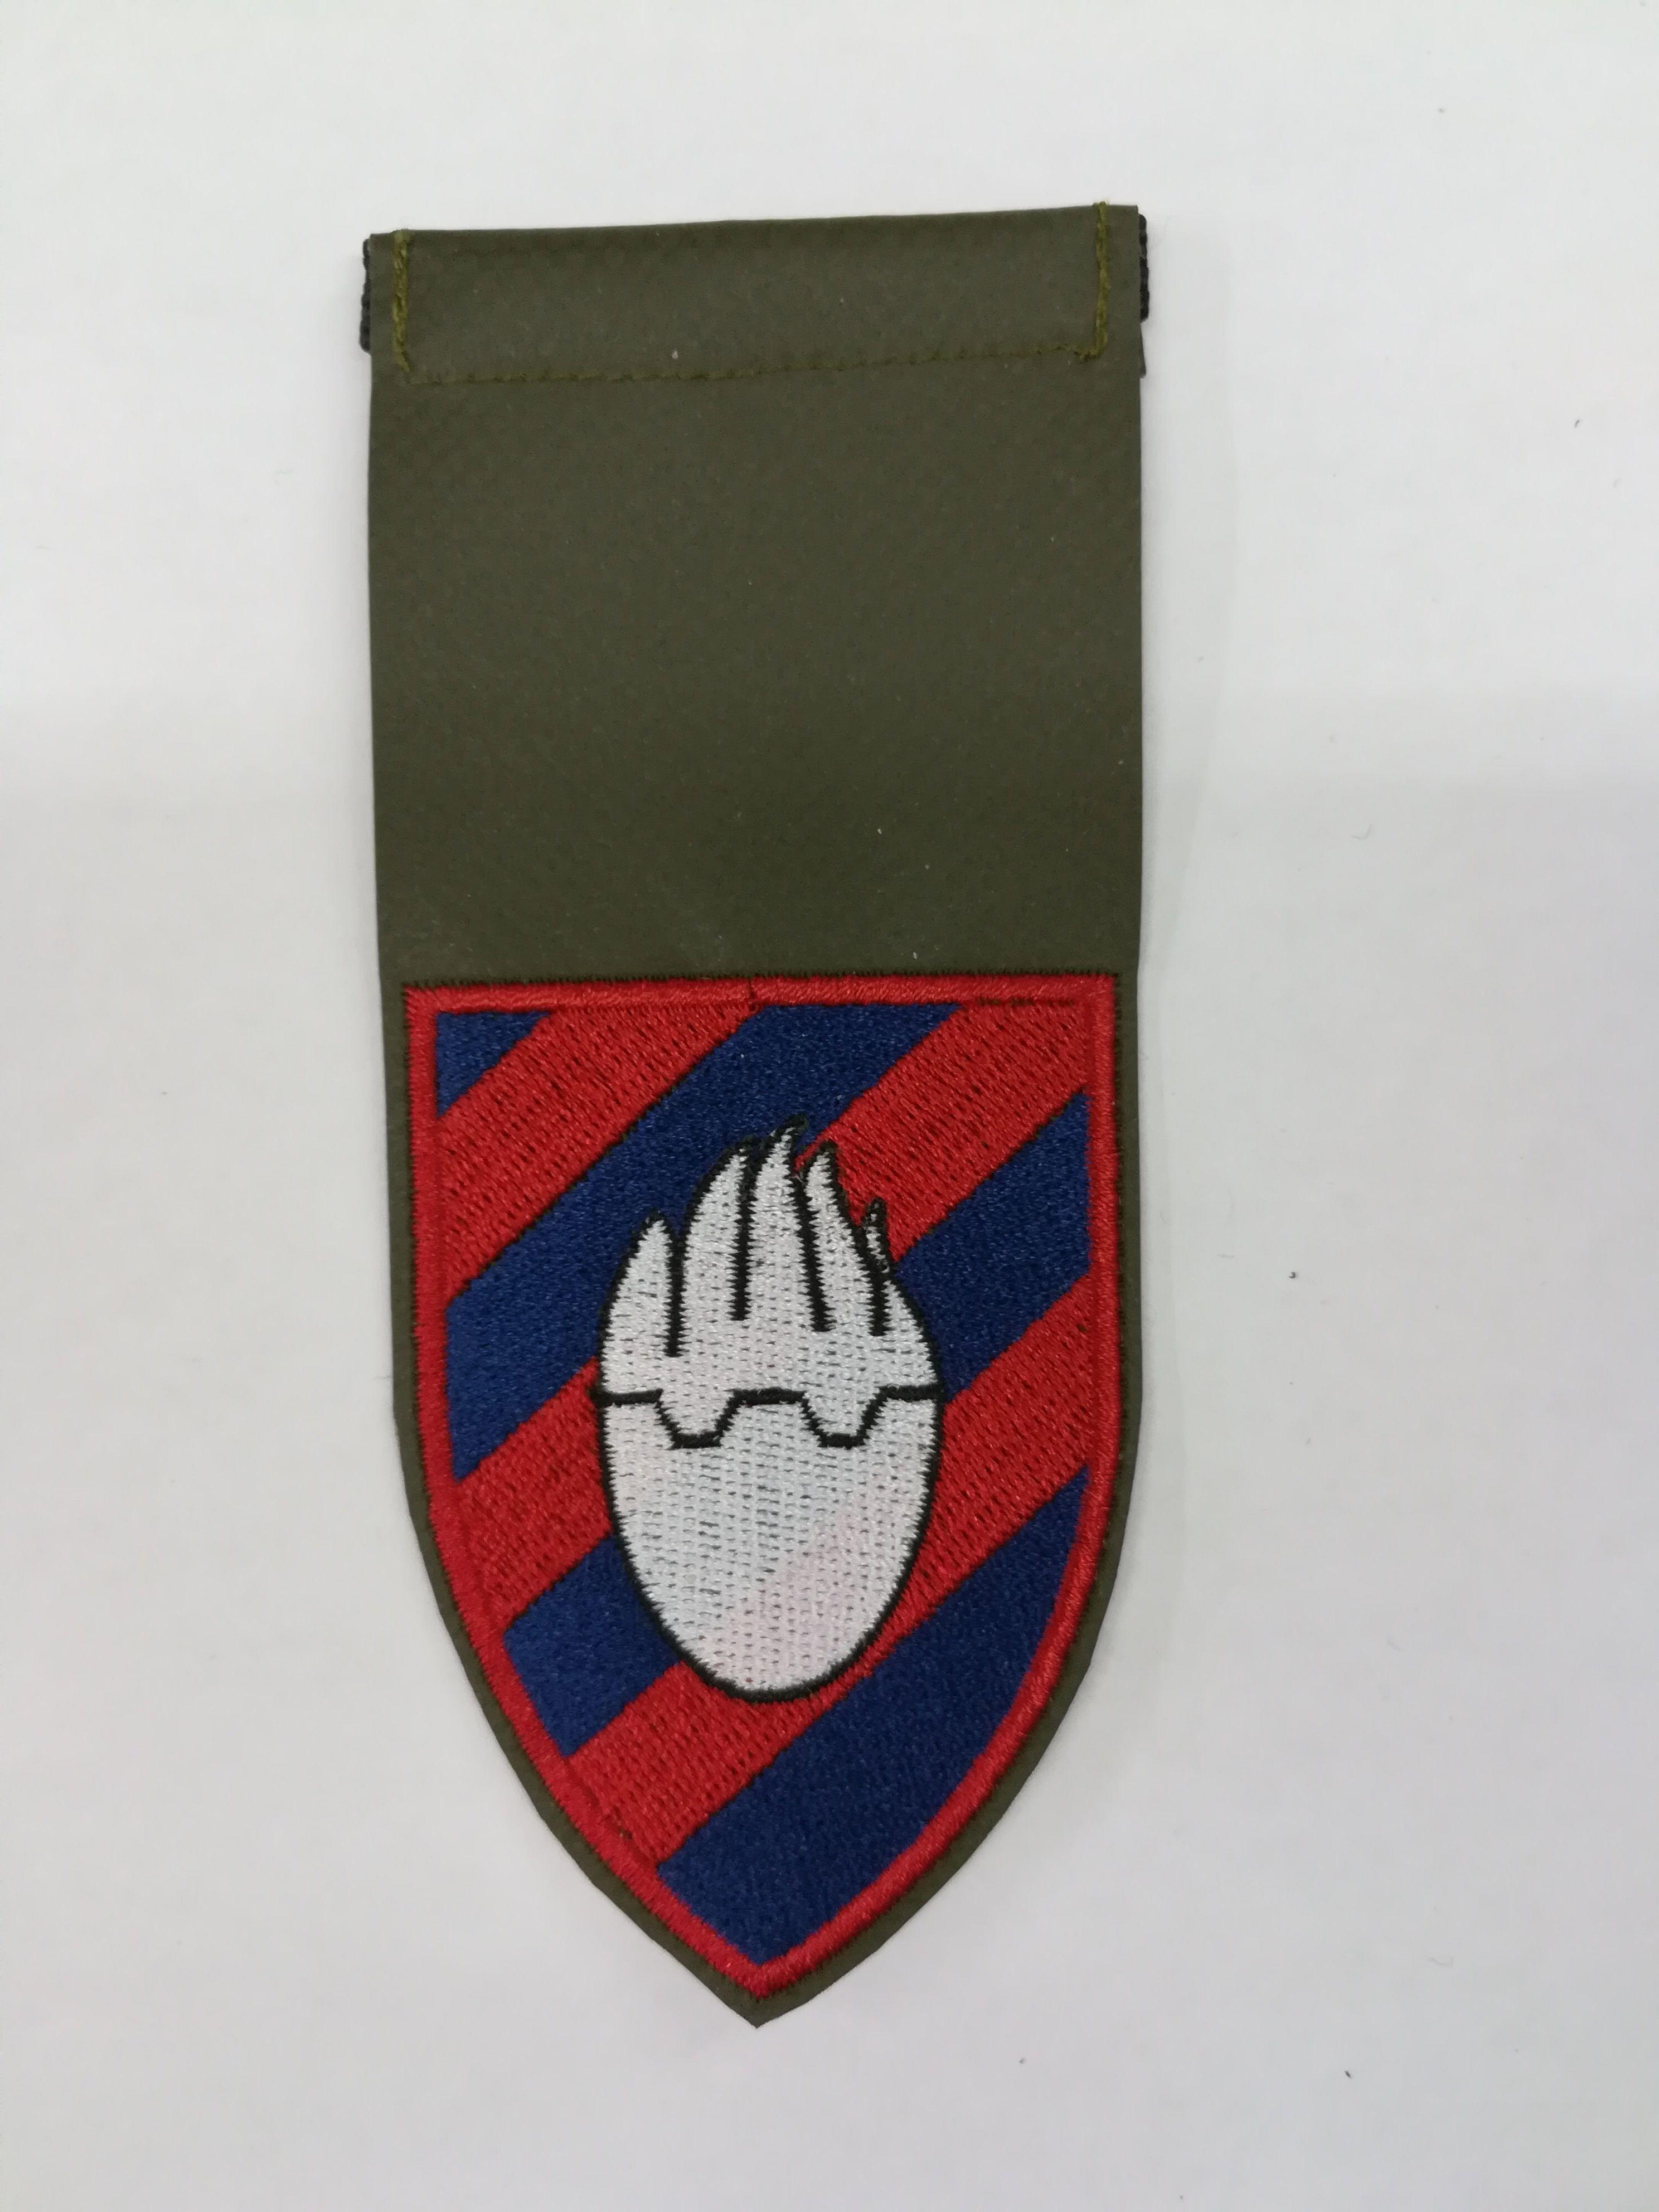 תג יחידה רקום של משטרה צבאית